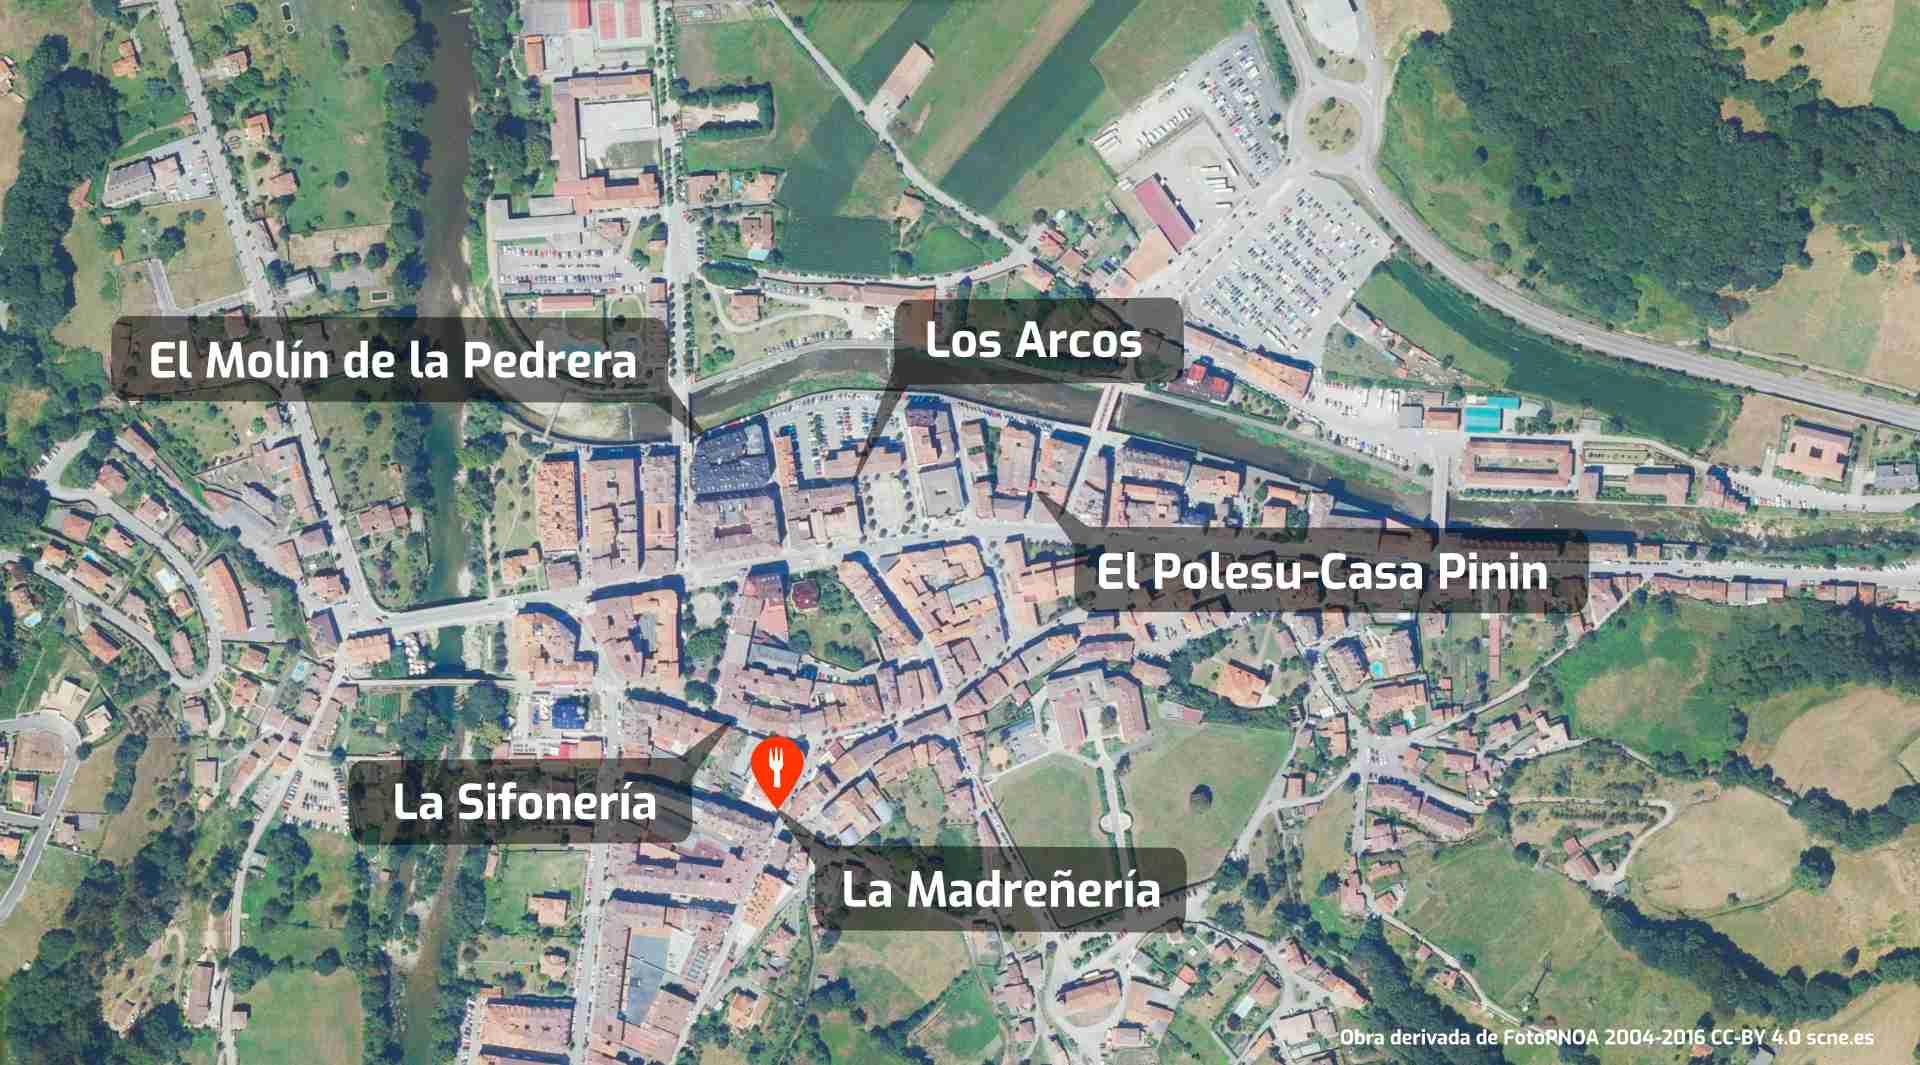 Mapa de localización del restaurante Sidrería La Madreñería en Cangas de Onís, Asturias